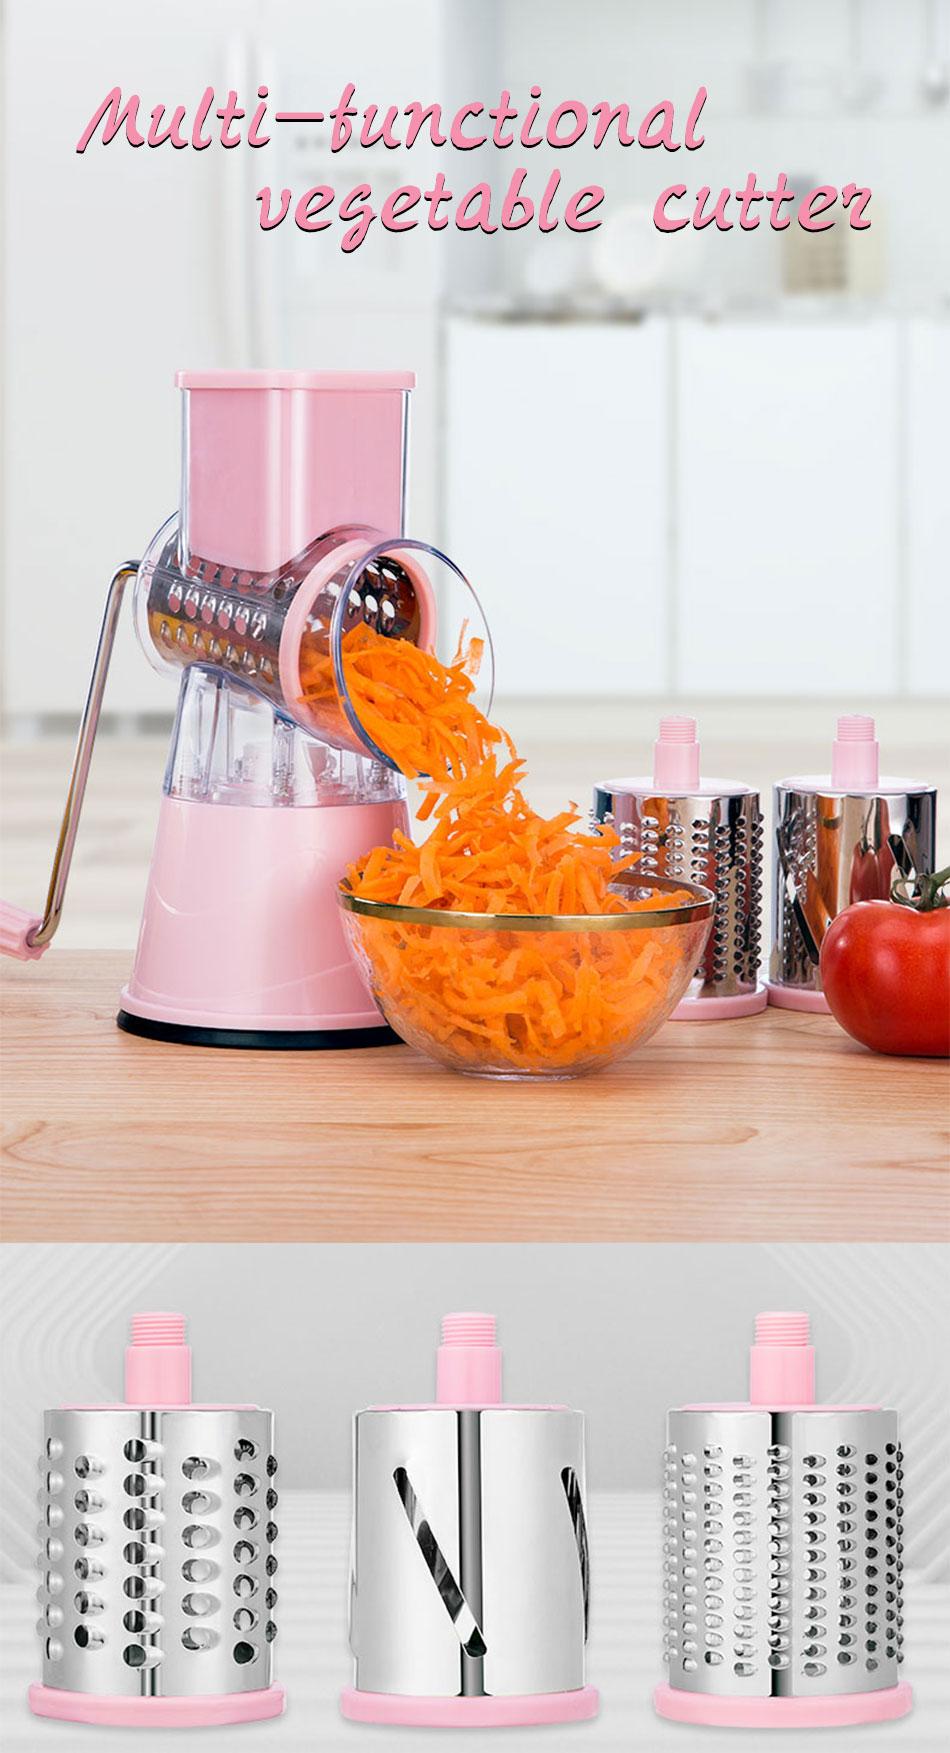 Potato Carrot Grater Slicer